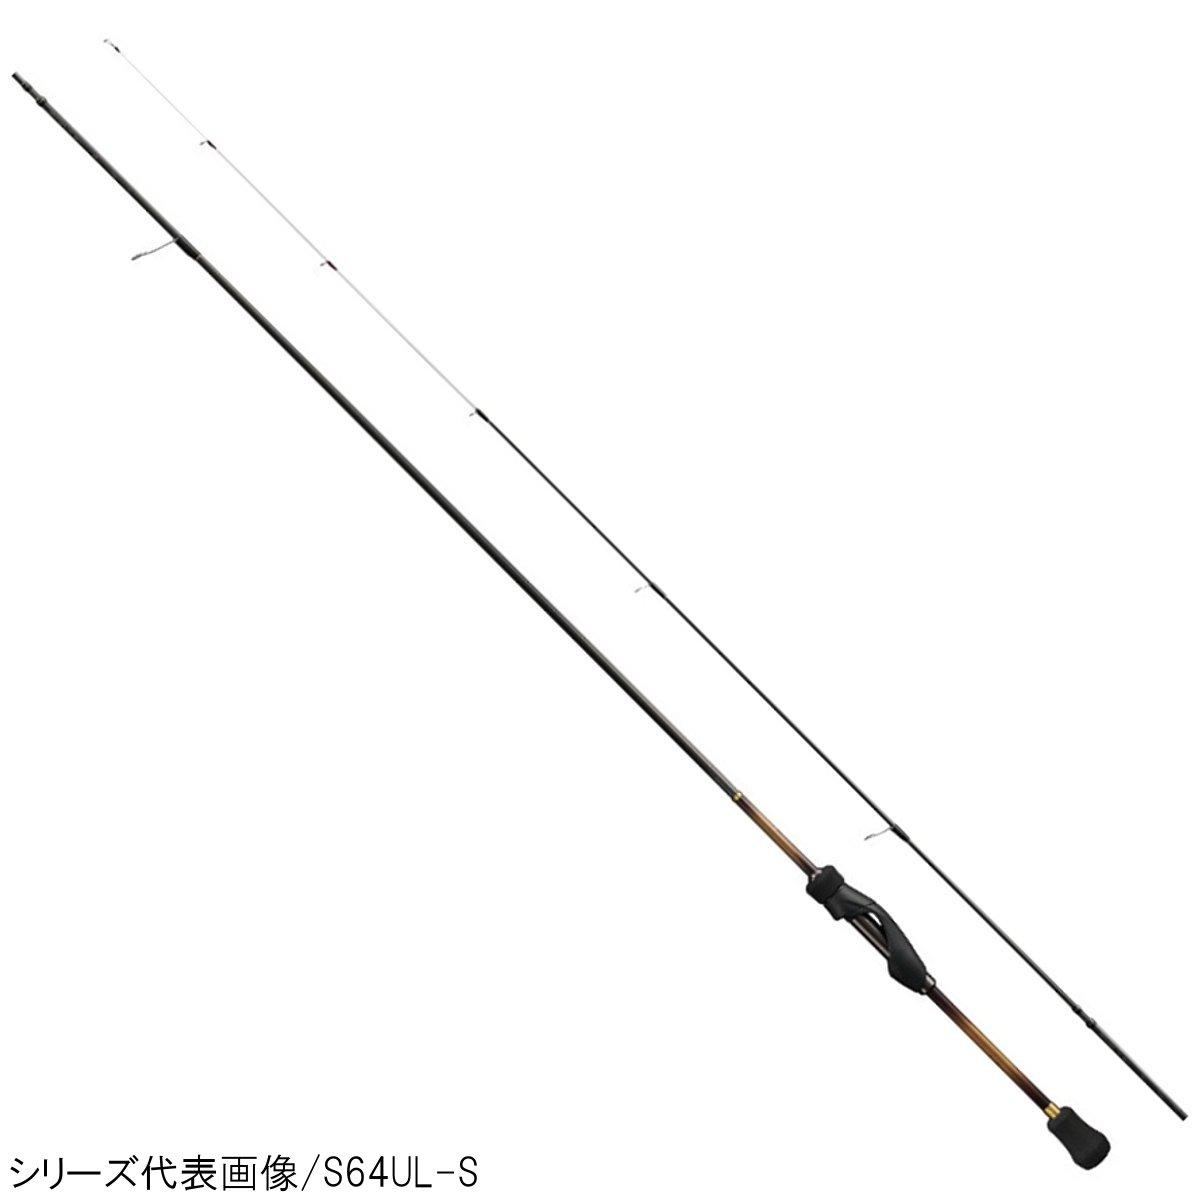 シマノ ソアレ BB アジング S74L-S